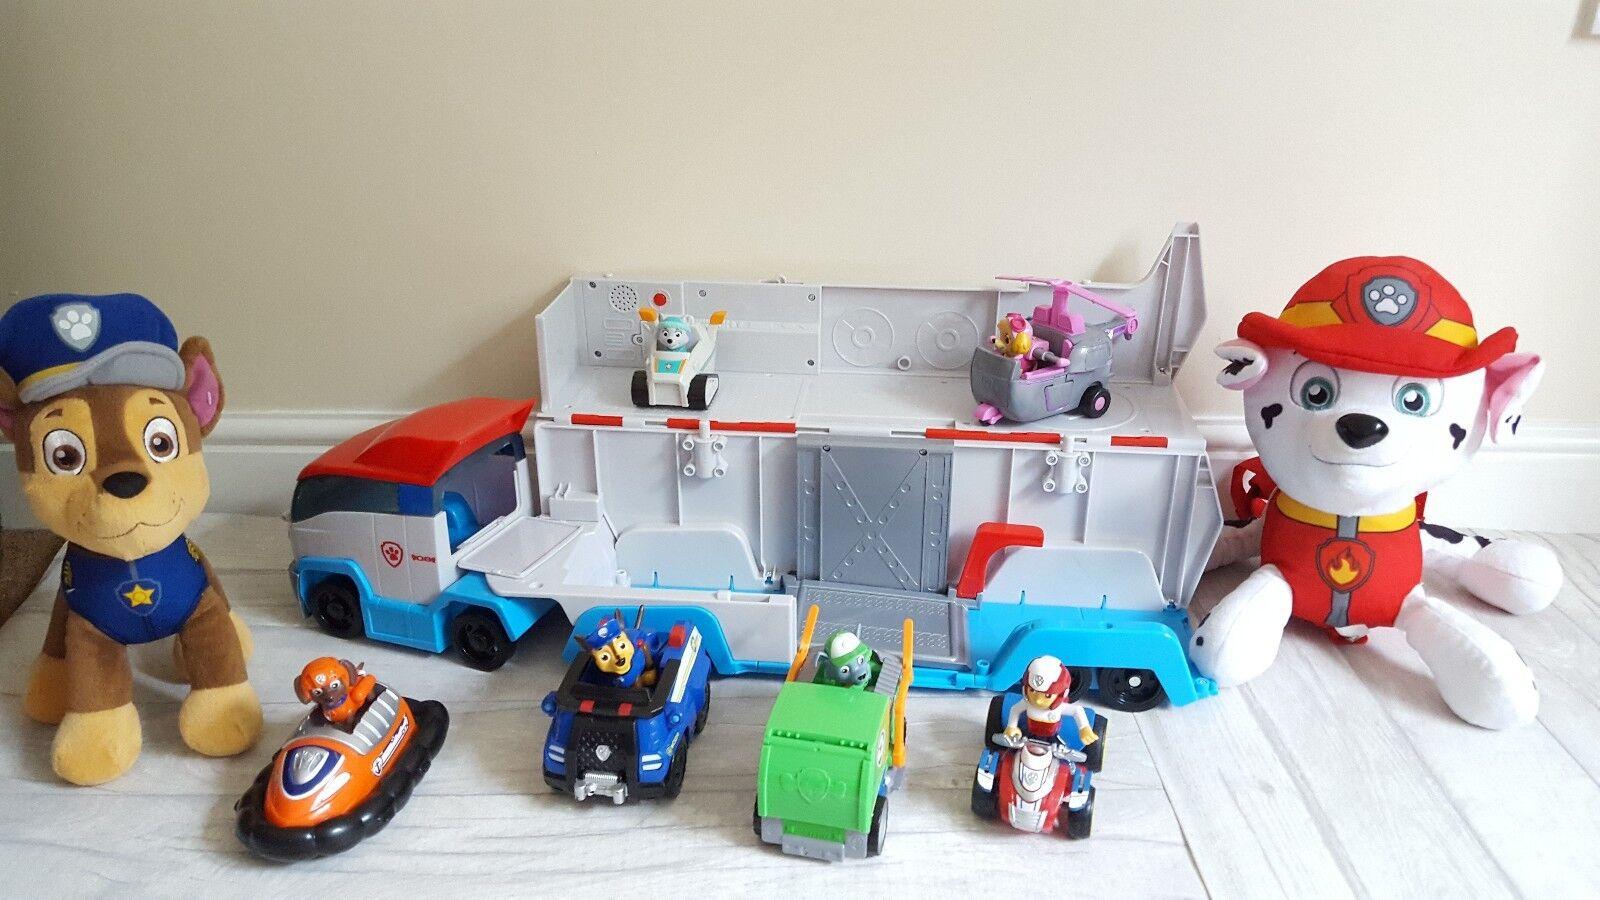 Paw patrol toys bundle figures, paw patrol patroller, plushes, van, aeroplane...